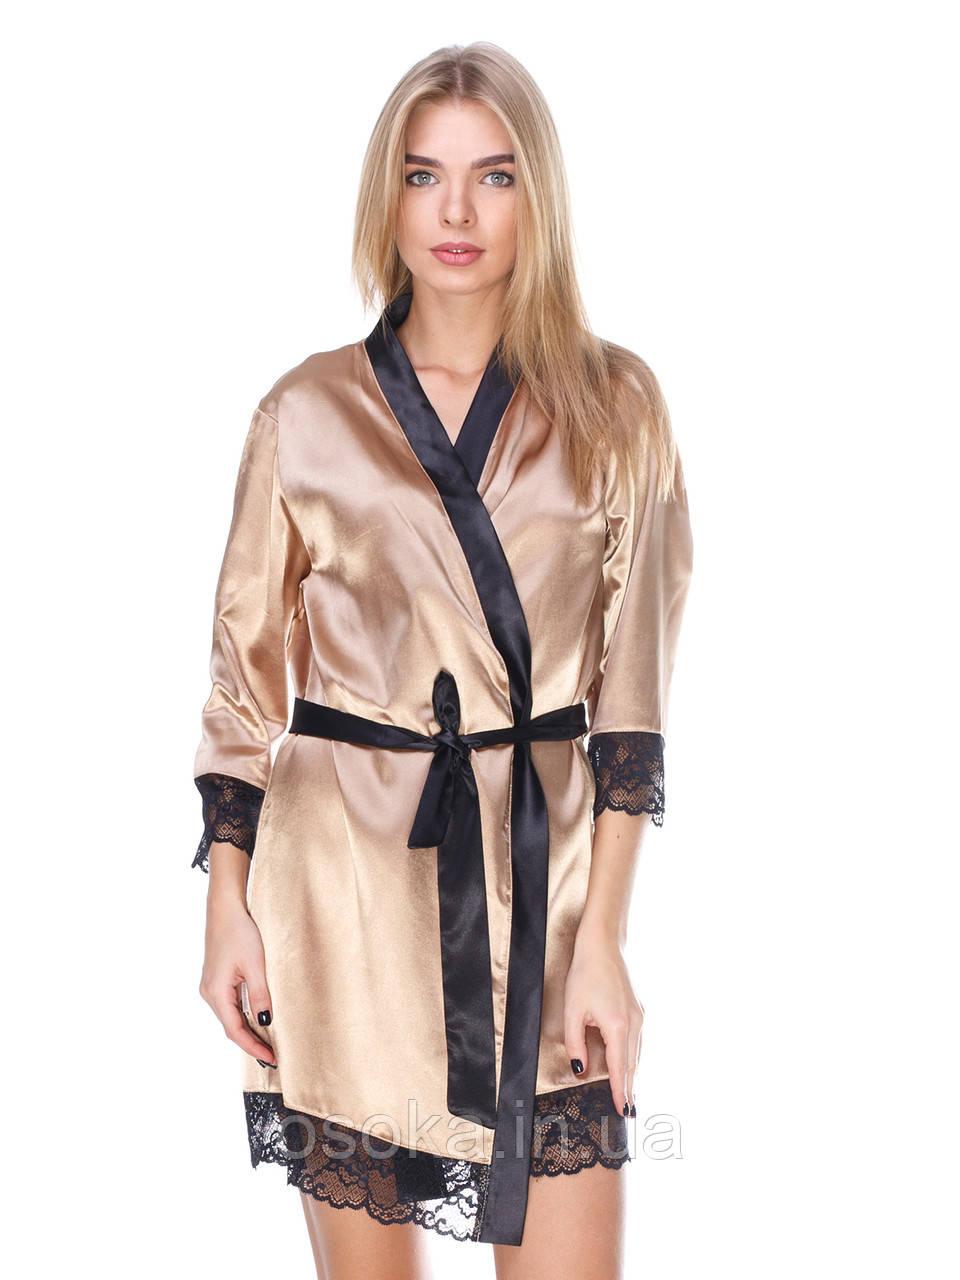 Халат шелковый с кружевом Serenade (Серенада) 2081 Золотой с черным